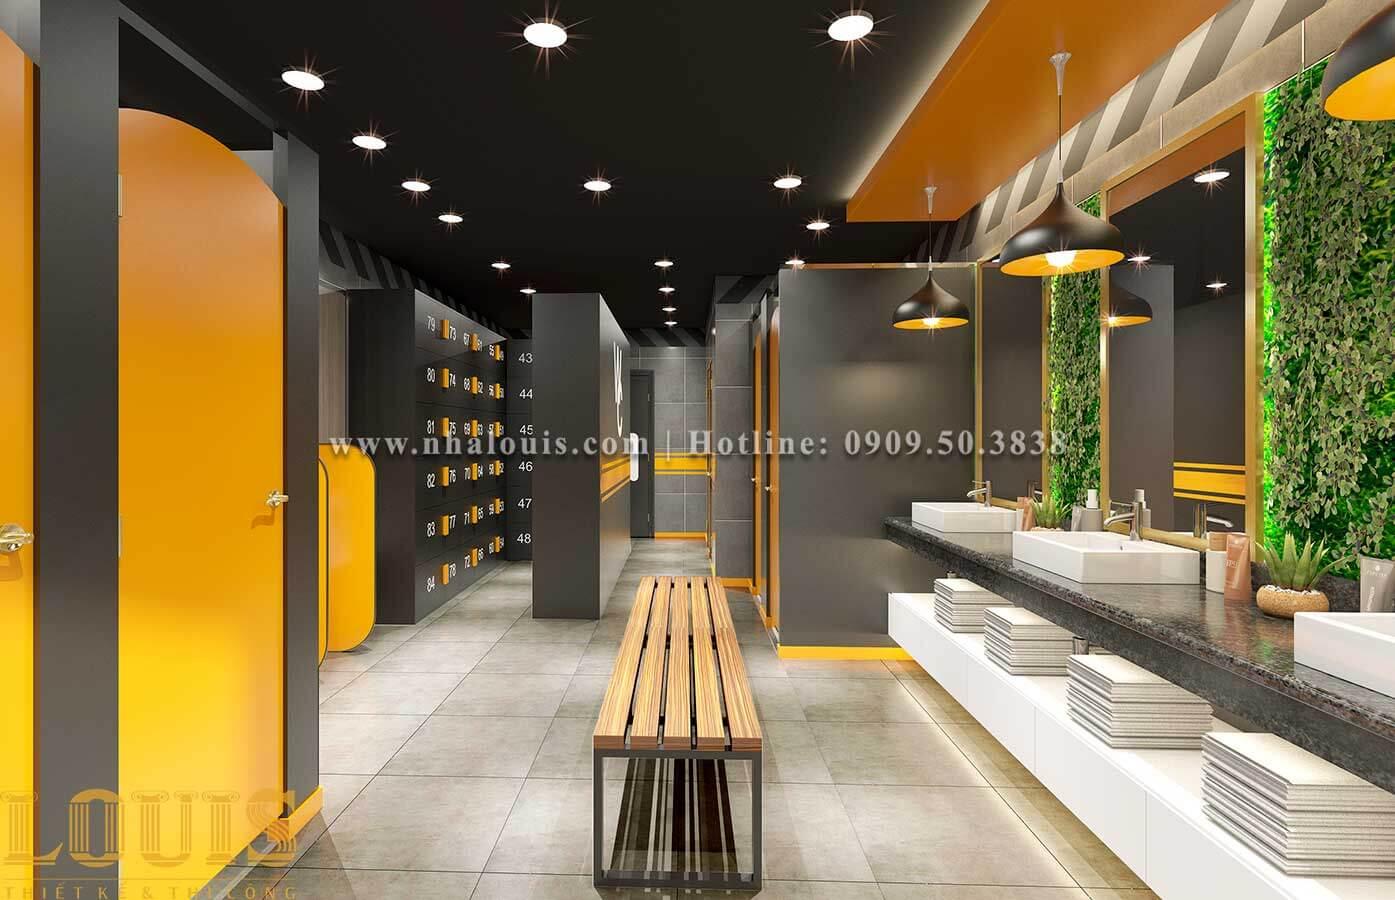 WC + Phòng tắm nam Mẫu thiết kế phòng gym chuẩn hiện đại tại Quận 9 - 09